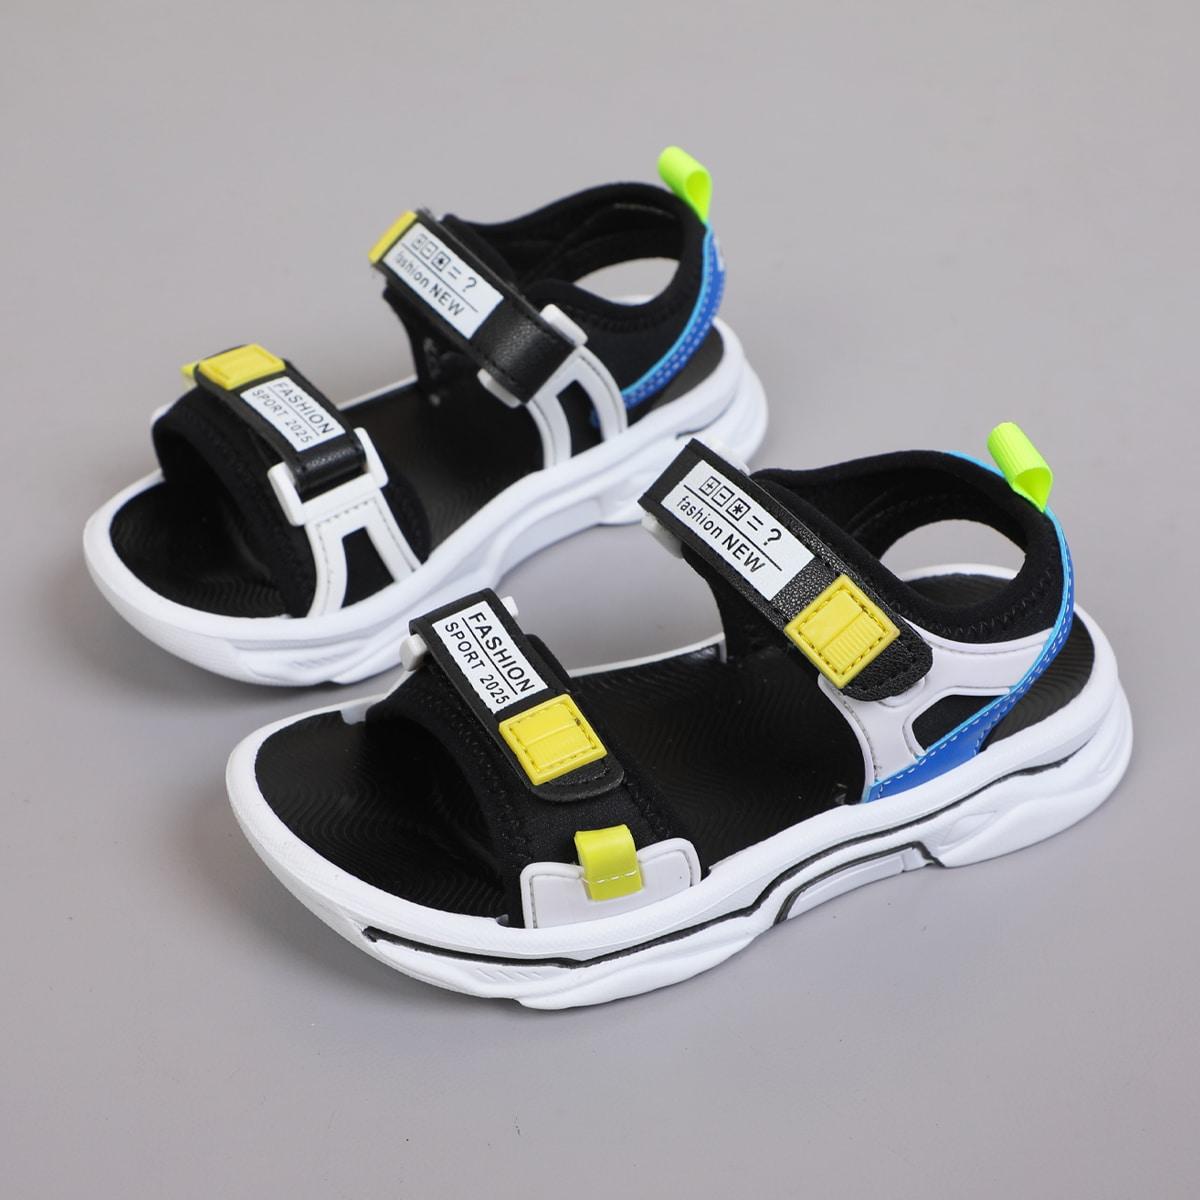 Контрастные сандалии на липучке для мальчиков SheIn skshoes25210611680